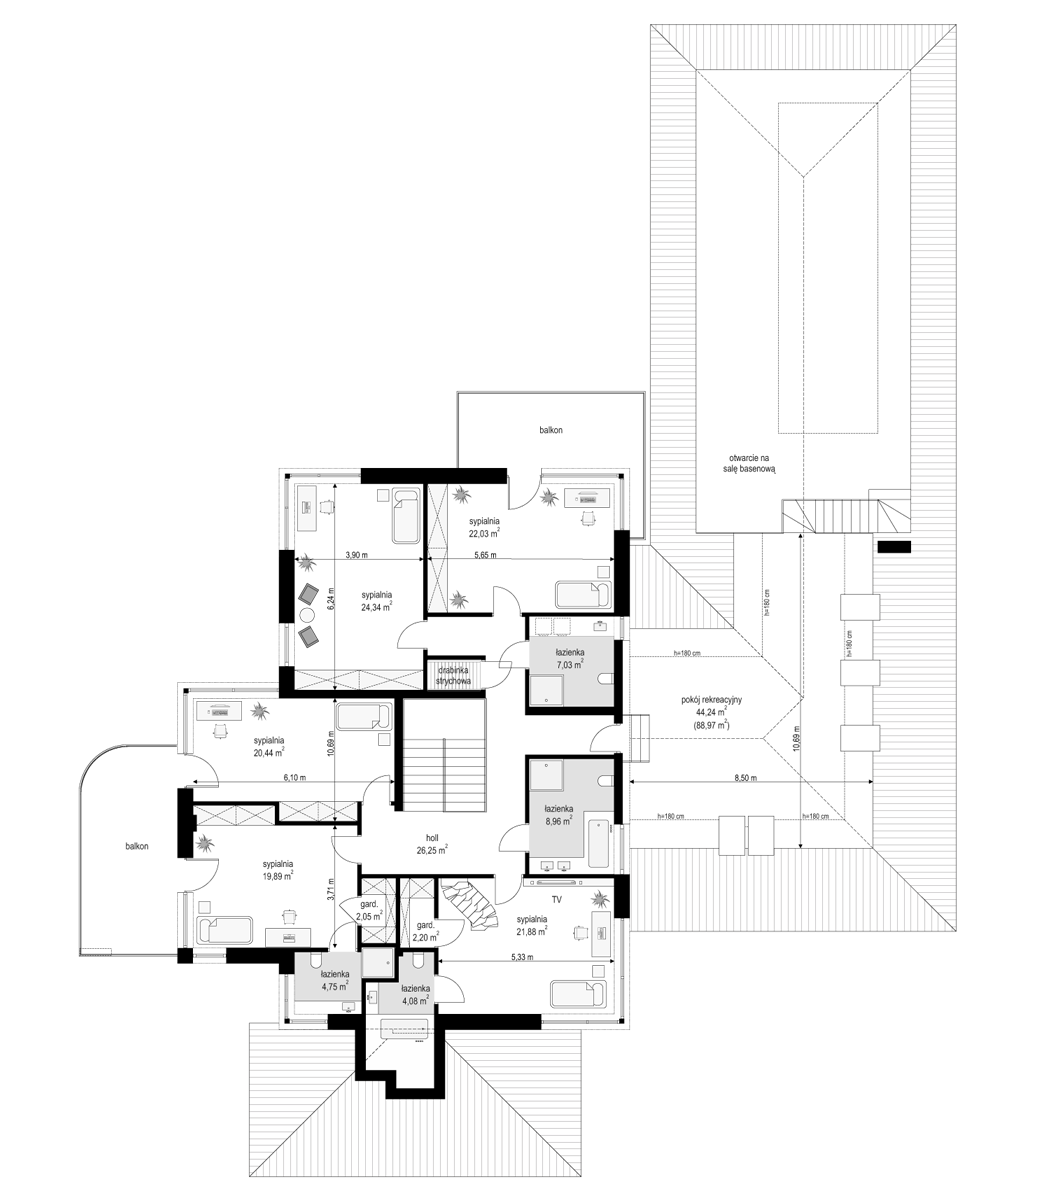 Rezydencja z widokiem - rzut piętra odbicie lustrzane